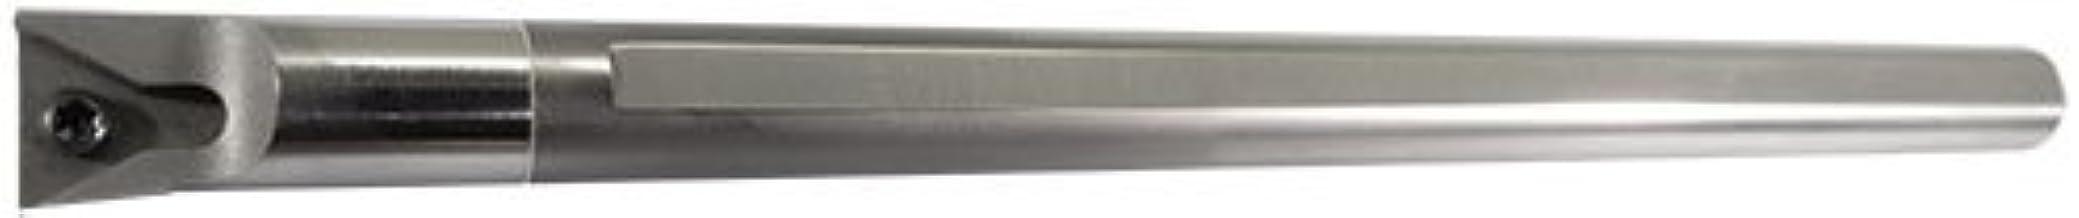 Everede E10S STFCL-2 Carbide Boring Bar